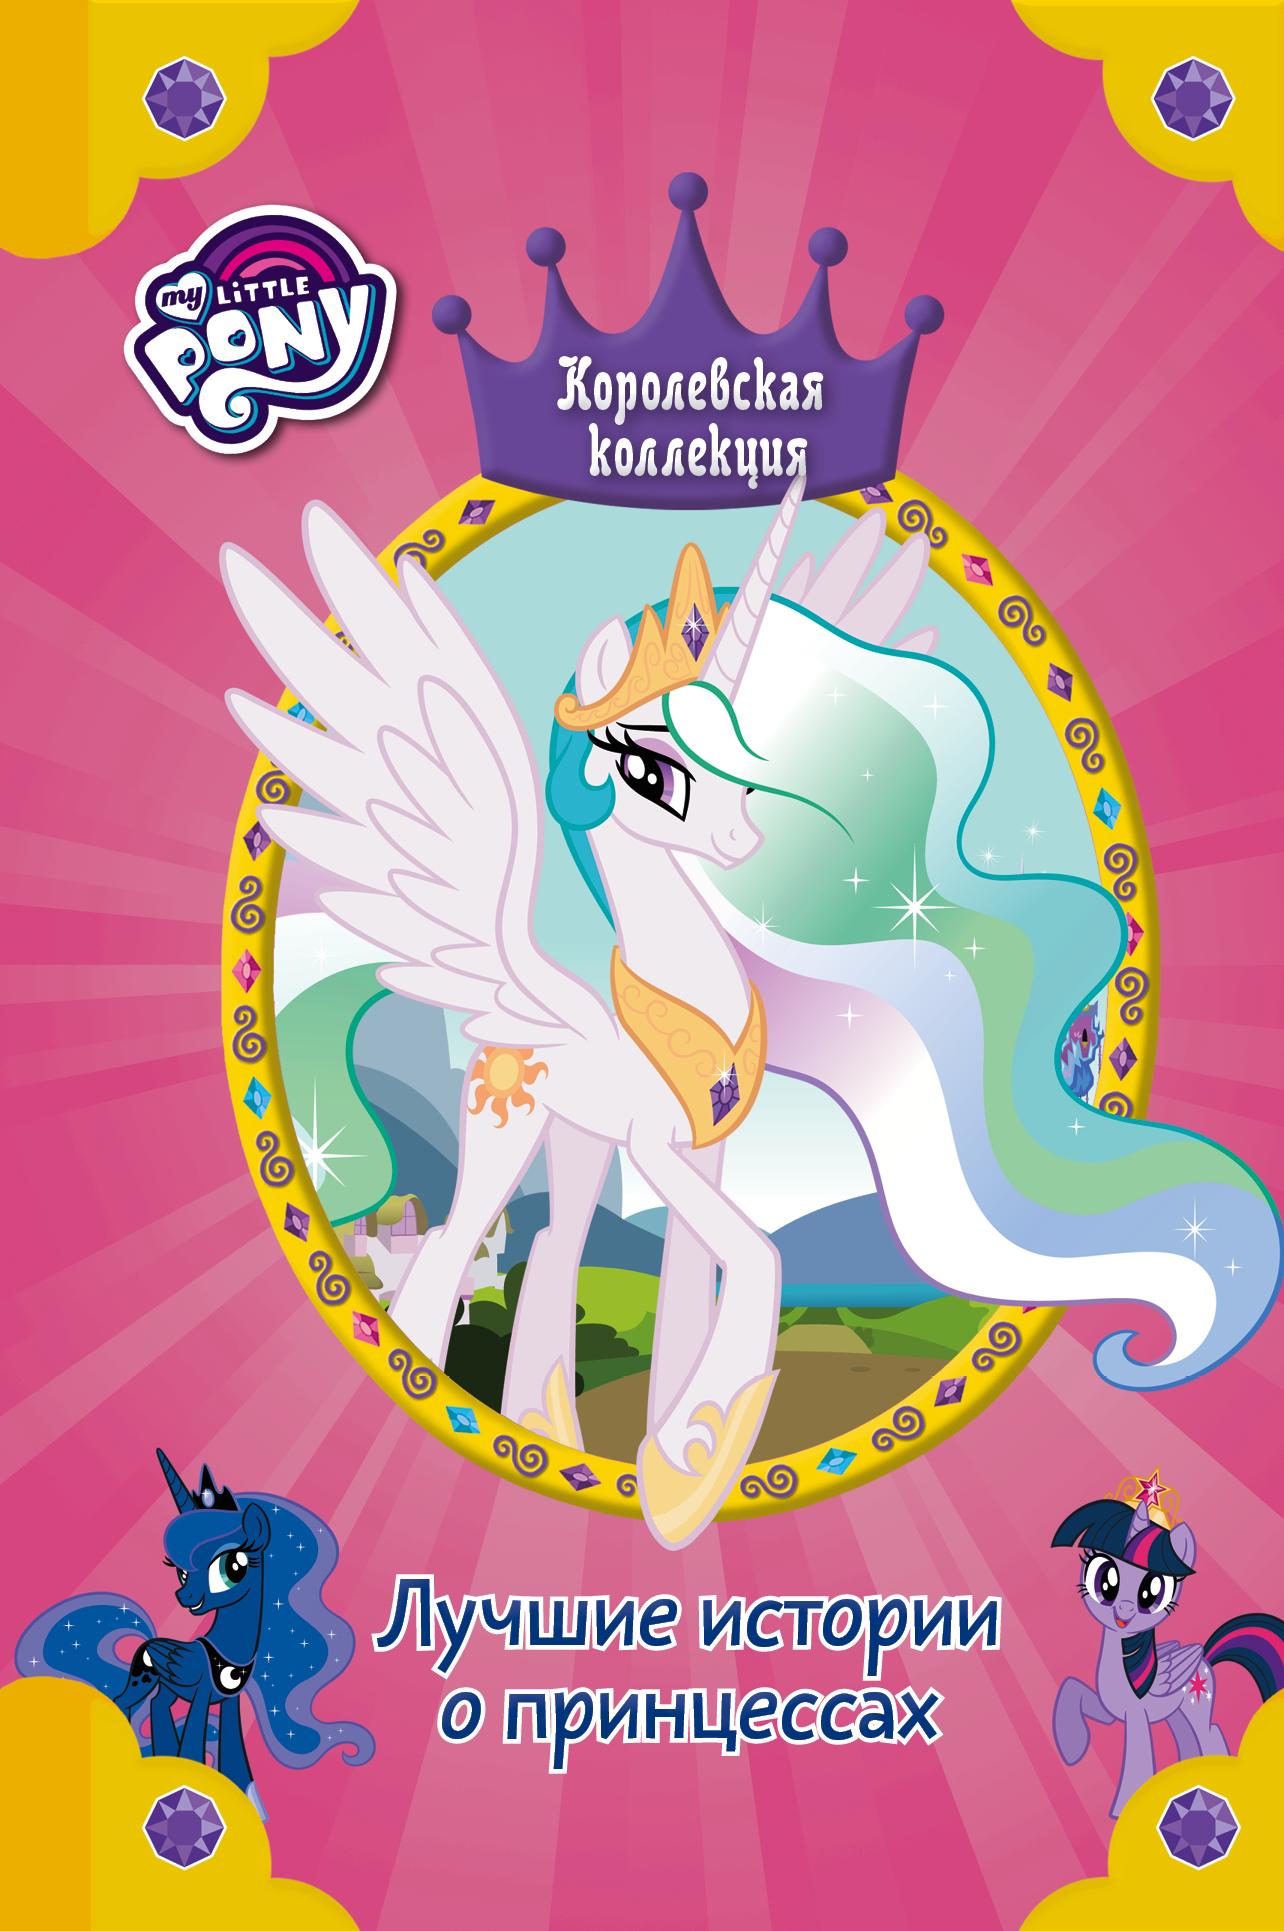 Бэрроу Д.М. Мой маленький пони. Королевская коллекция. Лучшие истории о принцессах бэрроу д м мой маленький пони королевская коллекция лучшие истории о принцессах